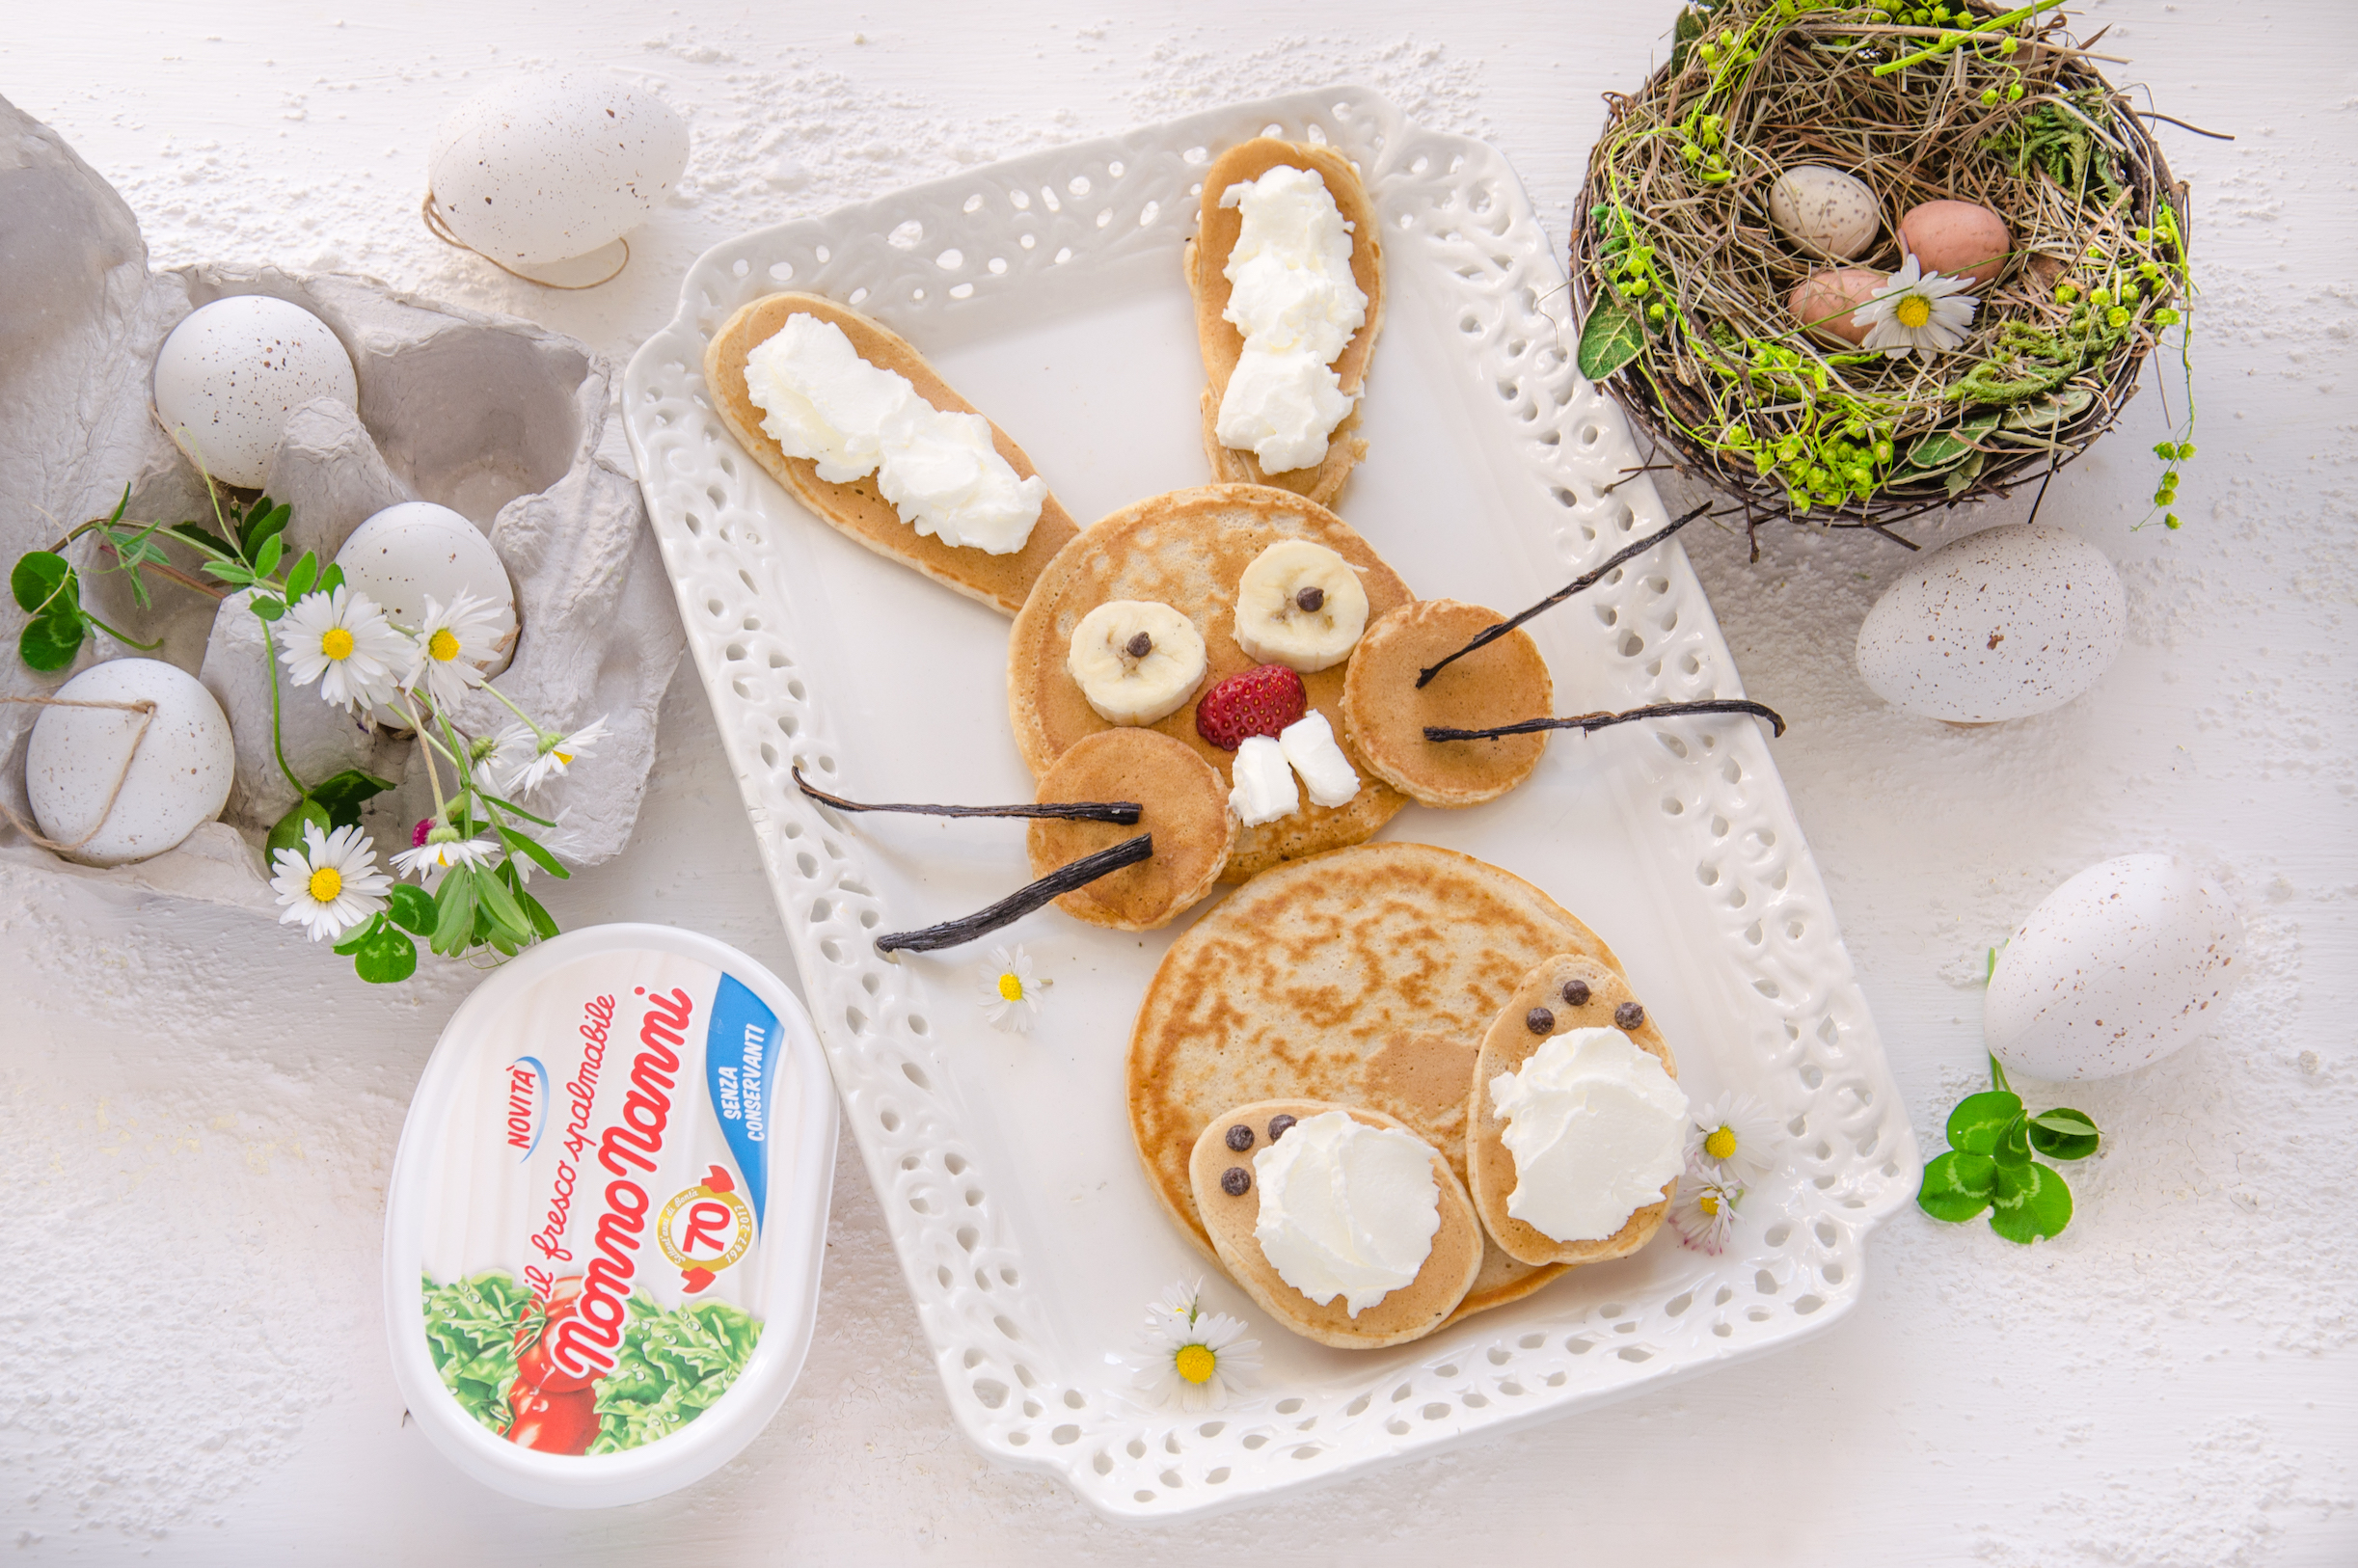 Il coniglietto pasquale, la dolce ricetta dedicata ai bambini da Nonno Nanni